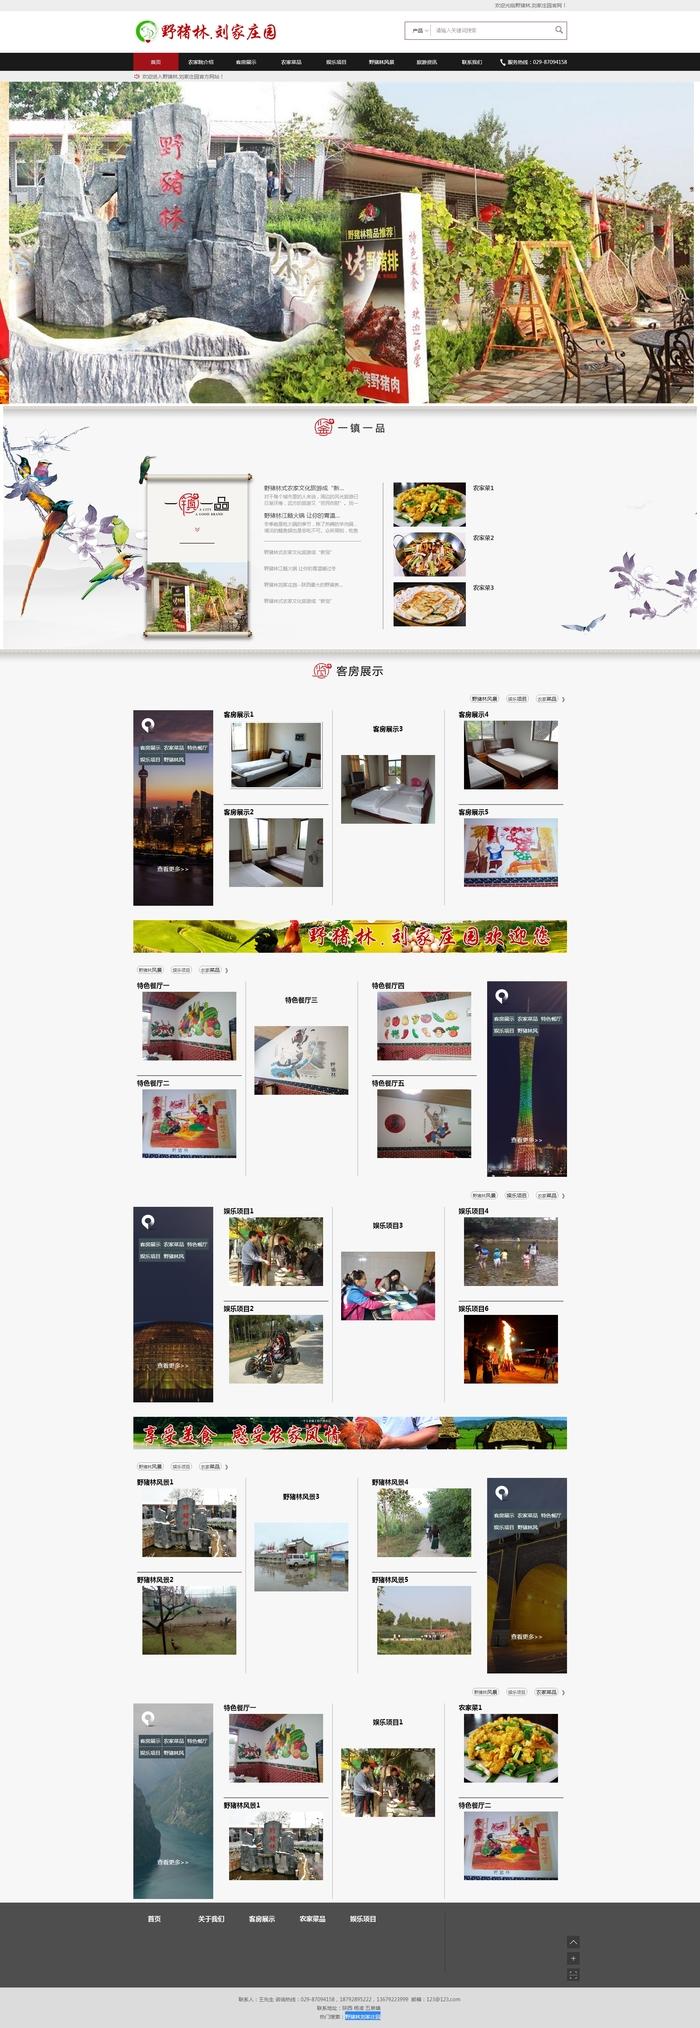 野猪林刘家庄园加入铭赞富海360营销系统